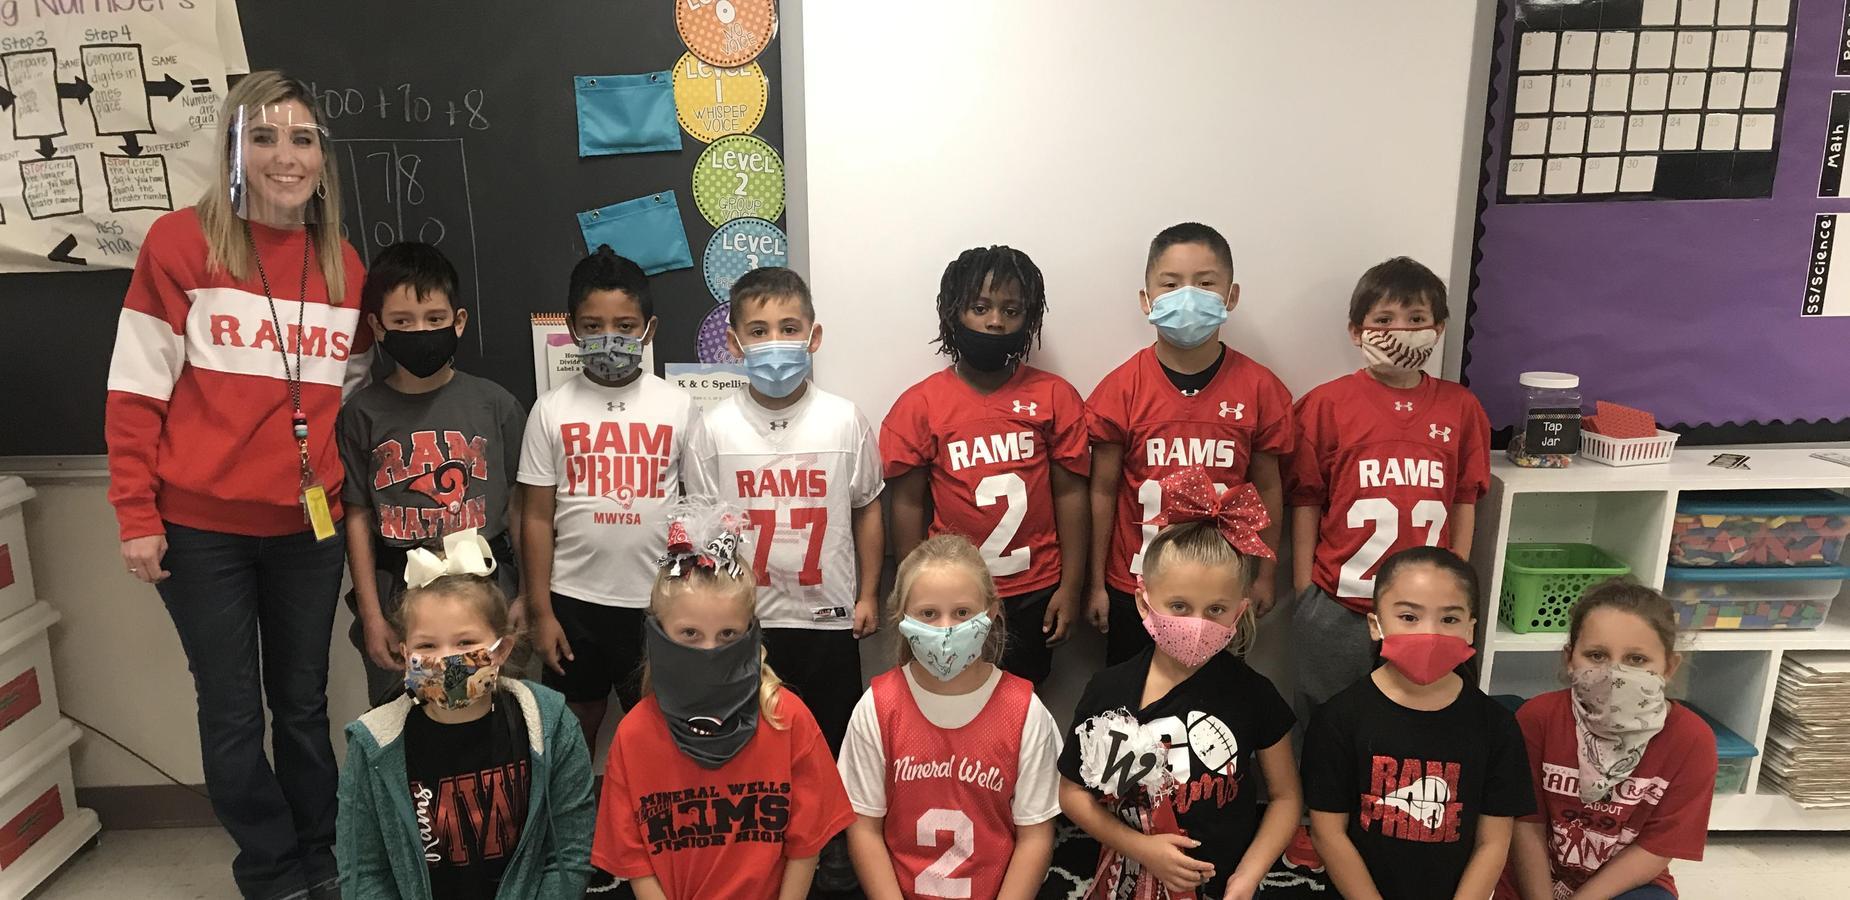 Rams gear